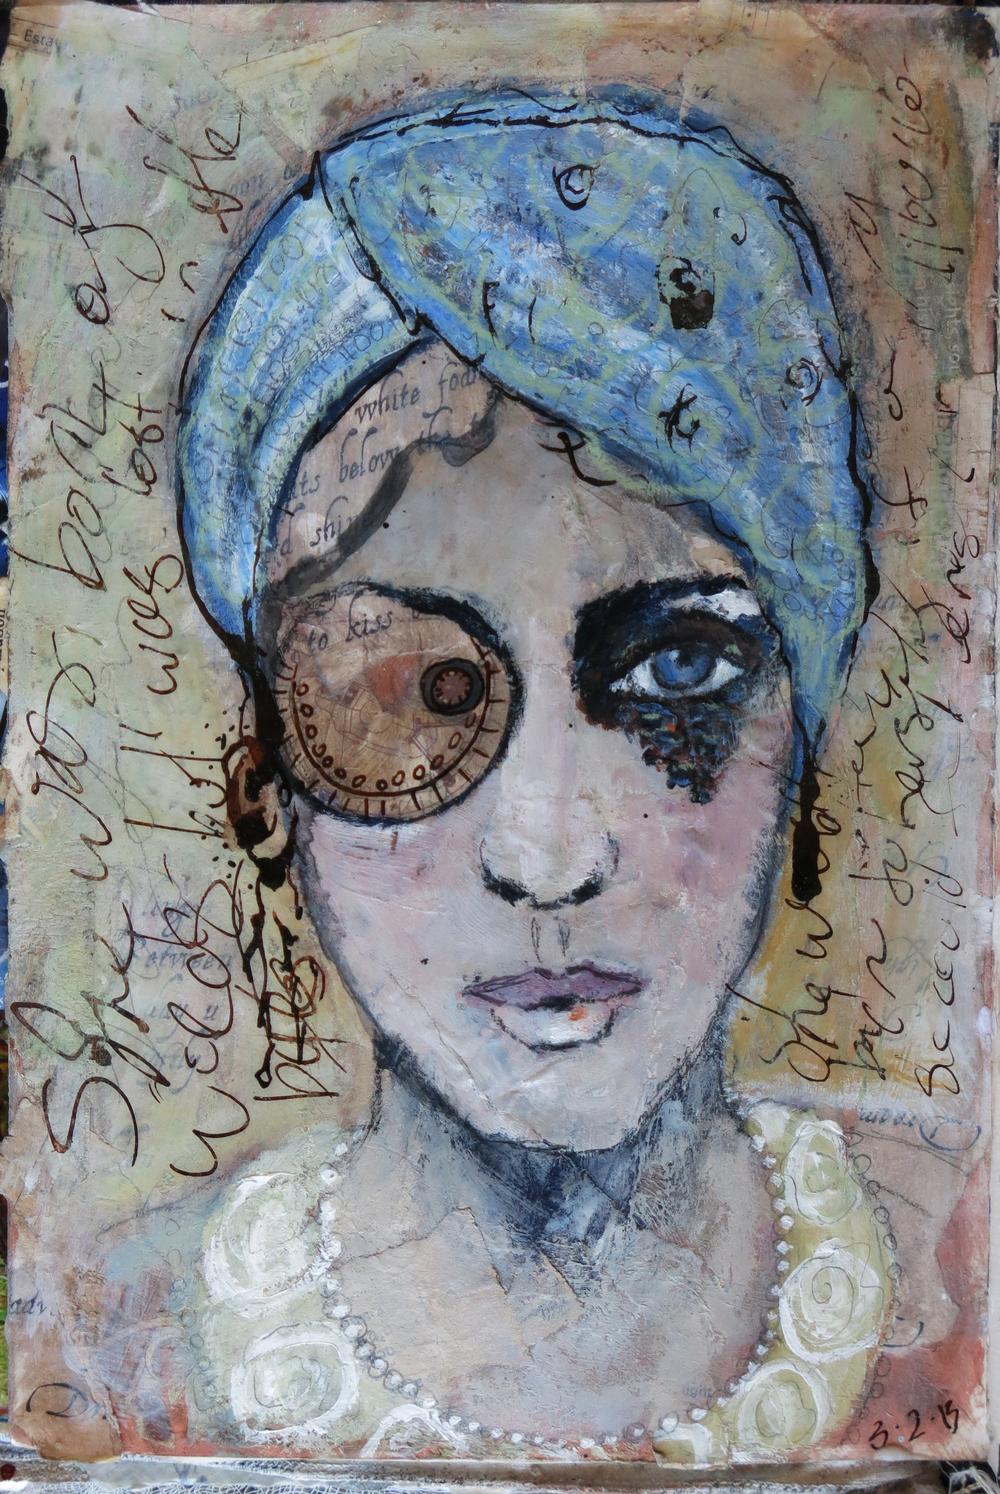 Cyber Girl mixed media art journal